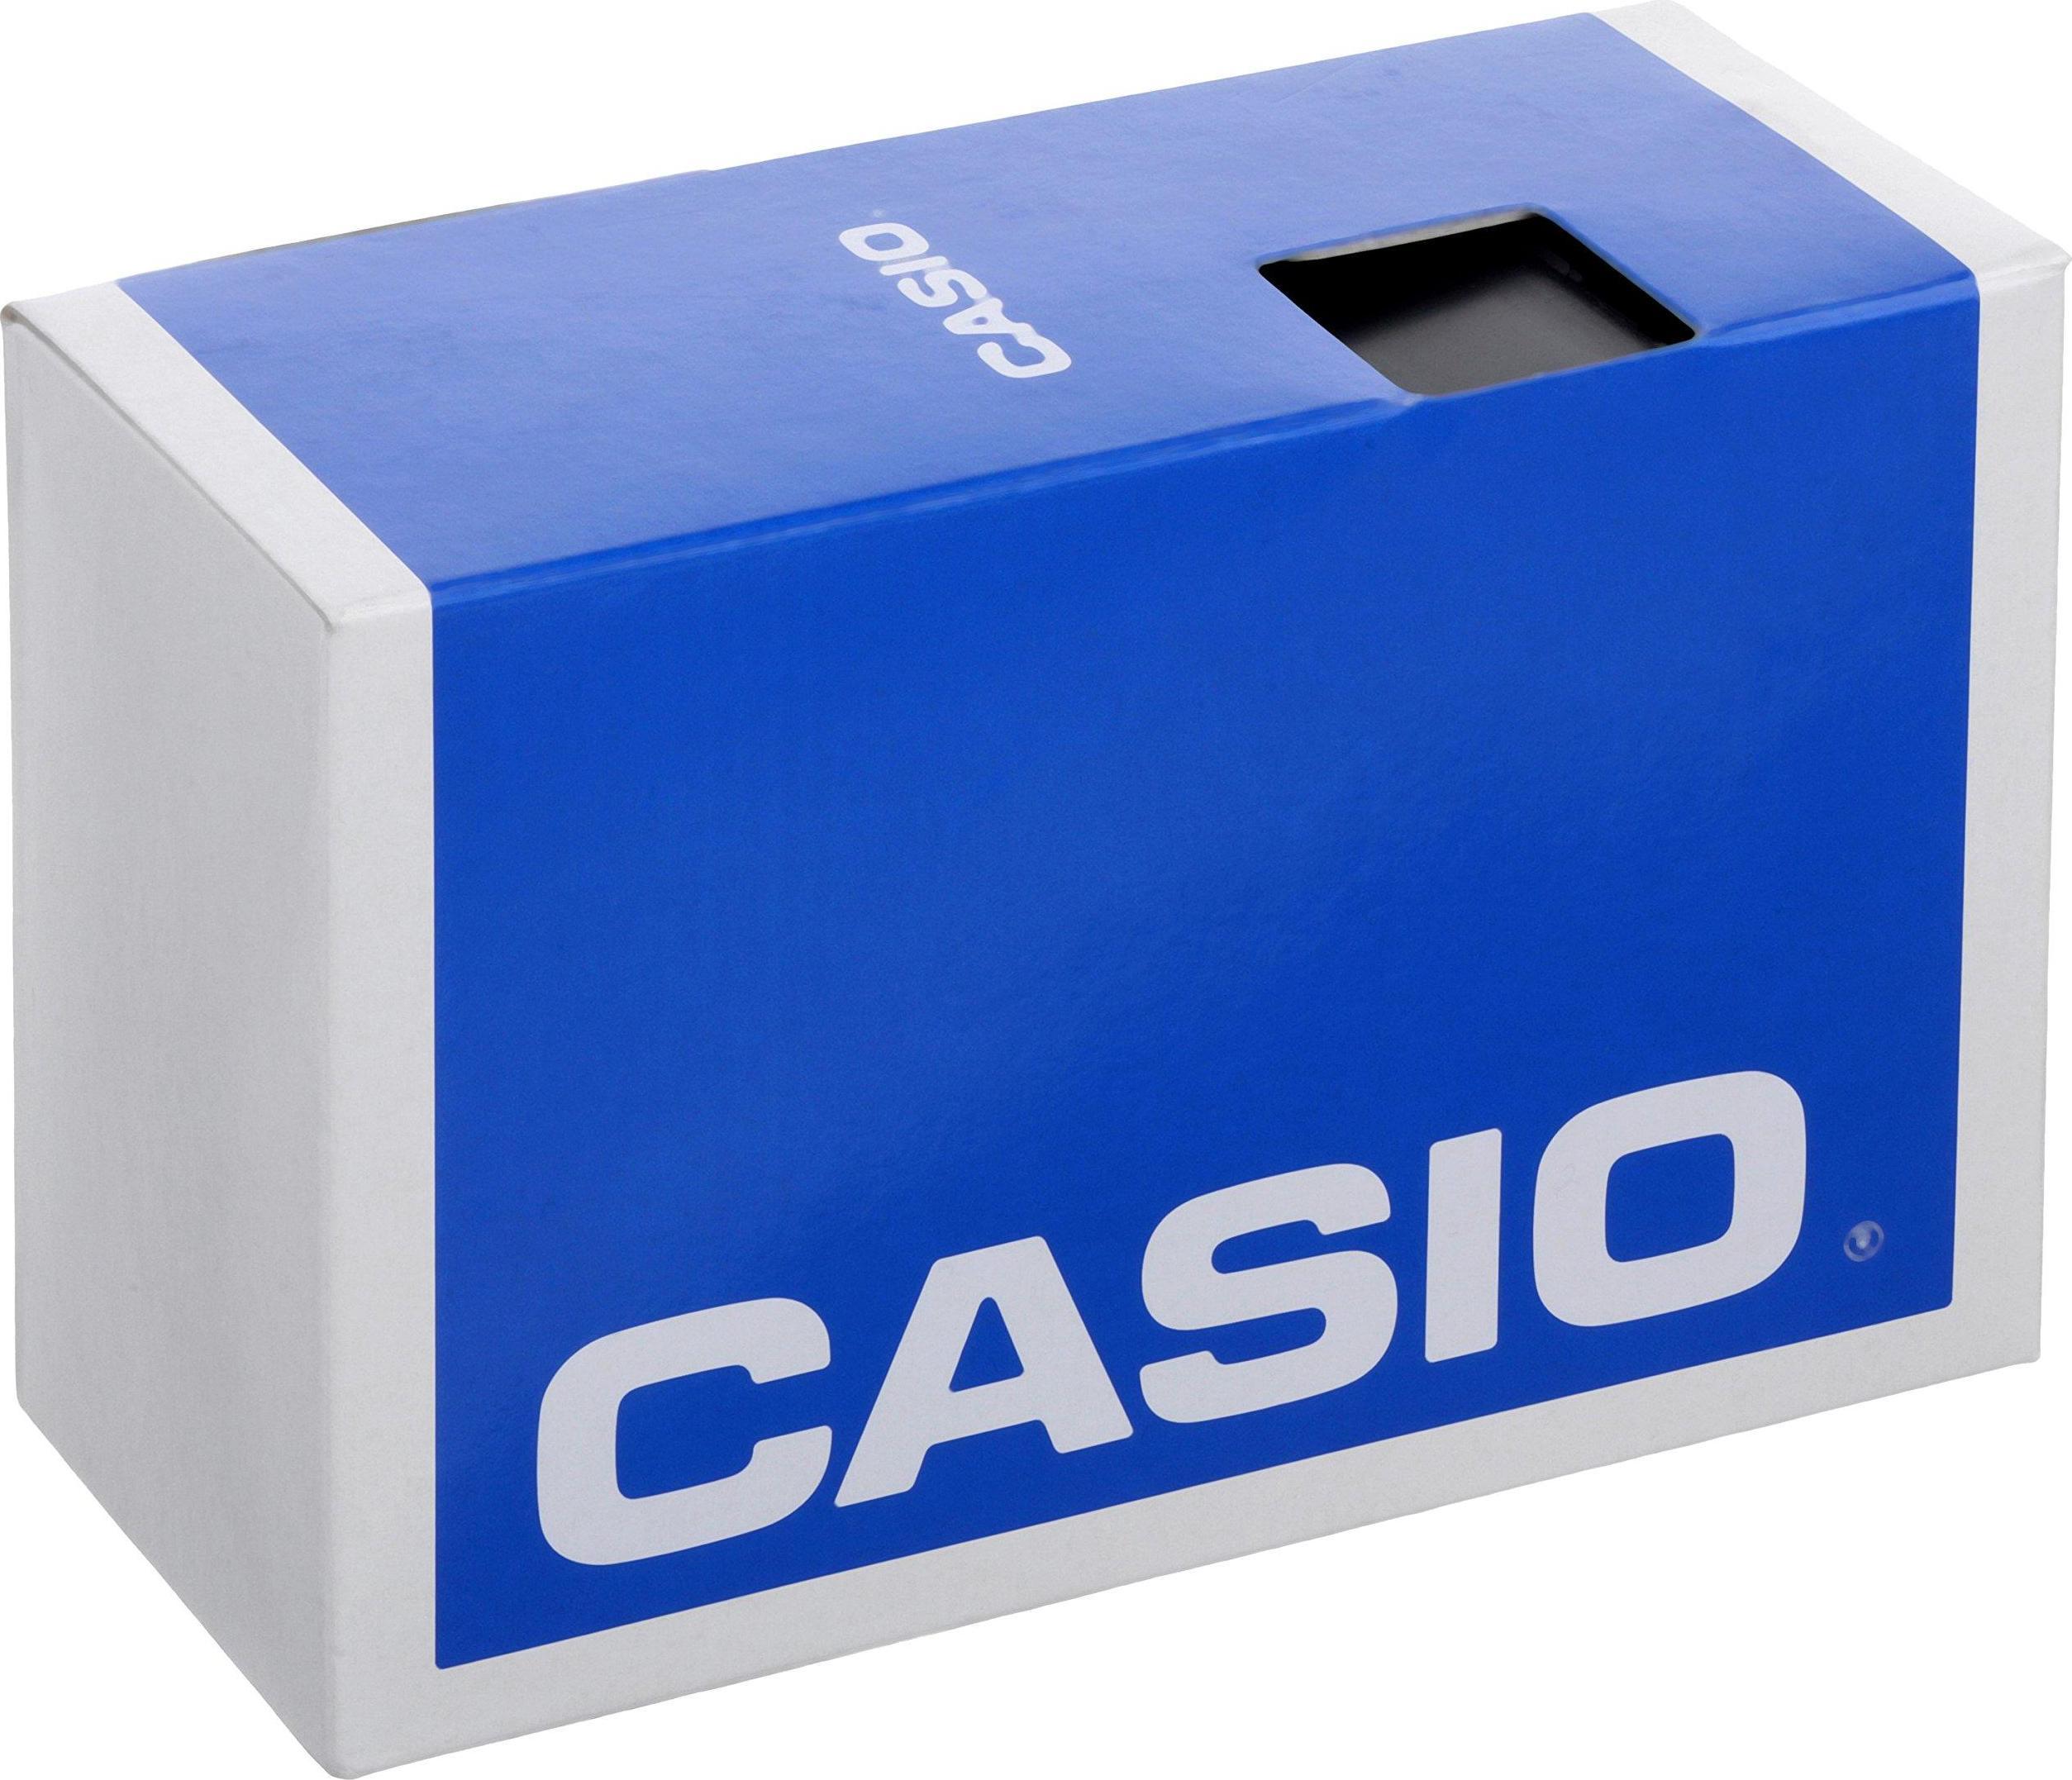 Đồng Hồ Quartz Casio Classic MRW-210H-1AVCF Với Dây Resin - Đen